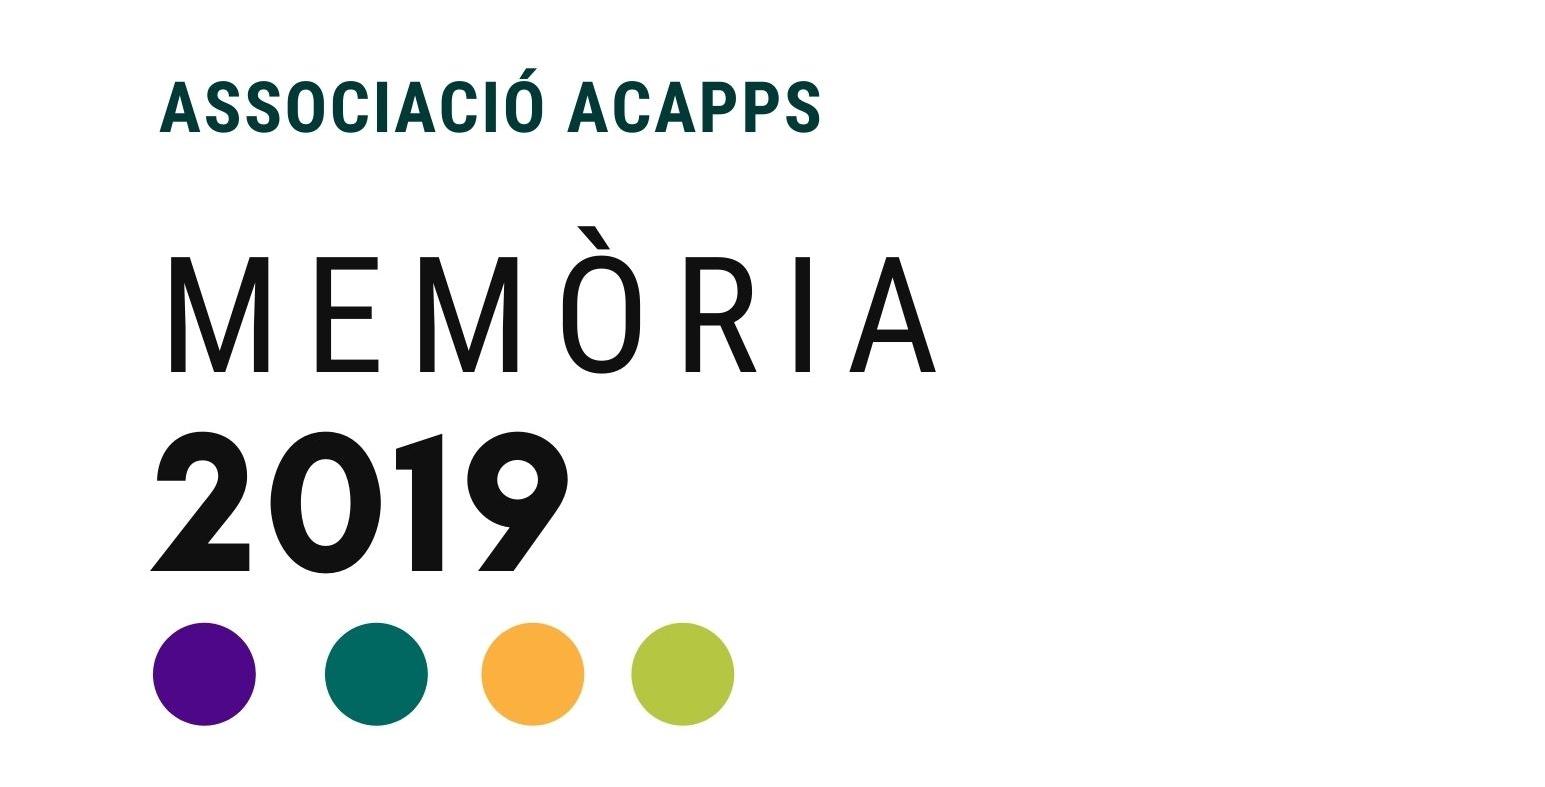 Publicada la memòria d'ACAPPS 2019